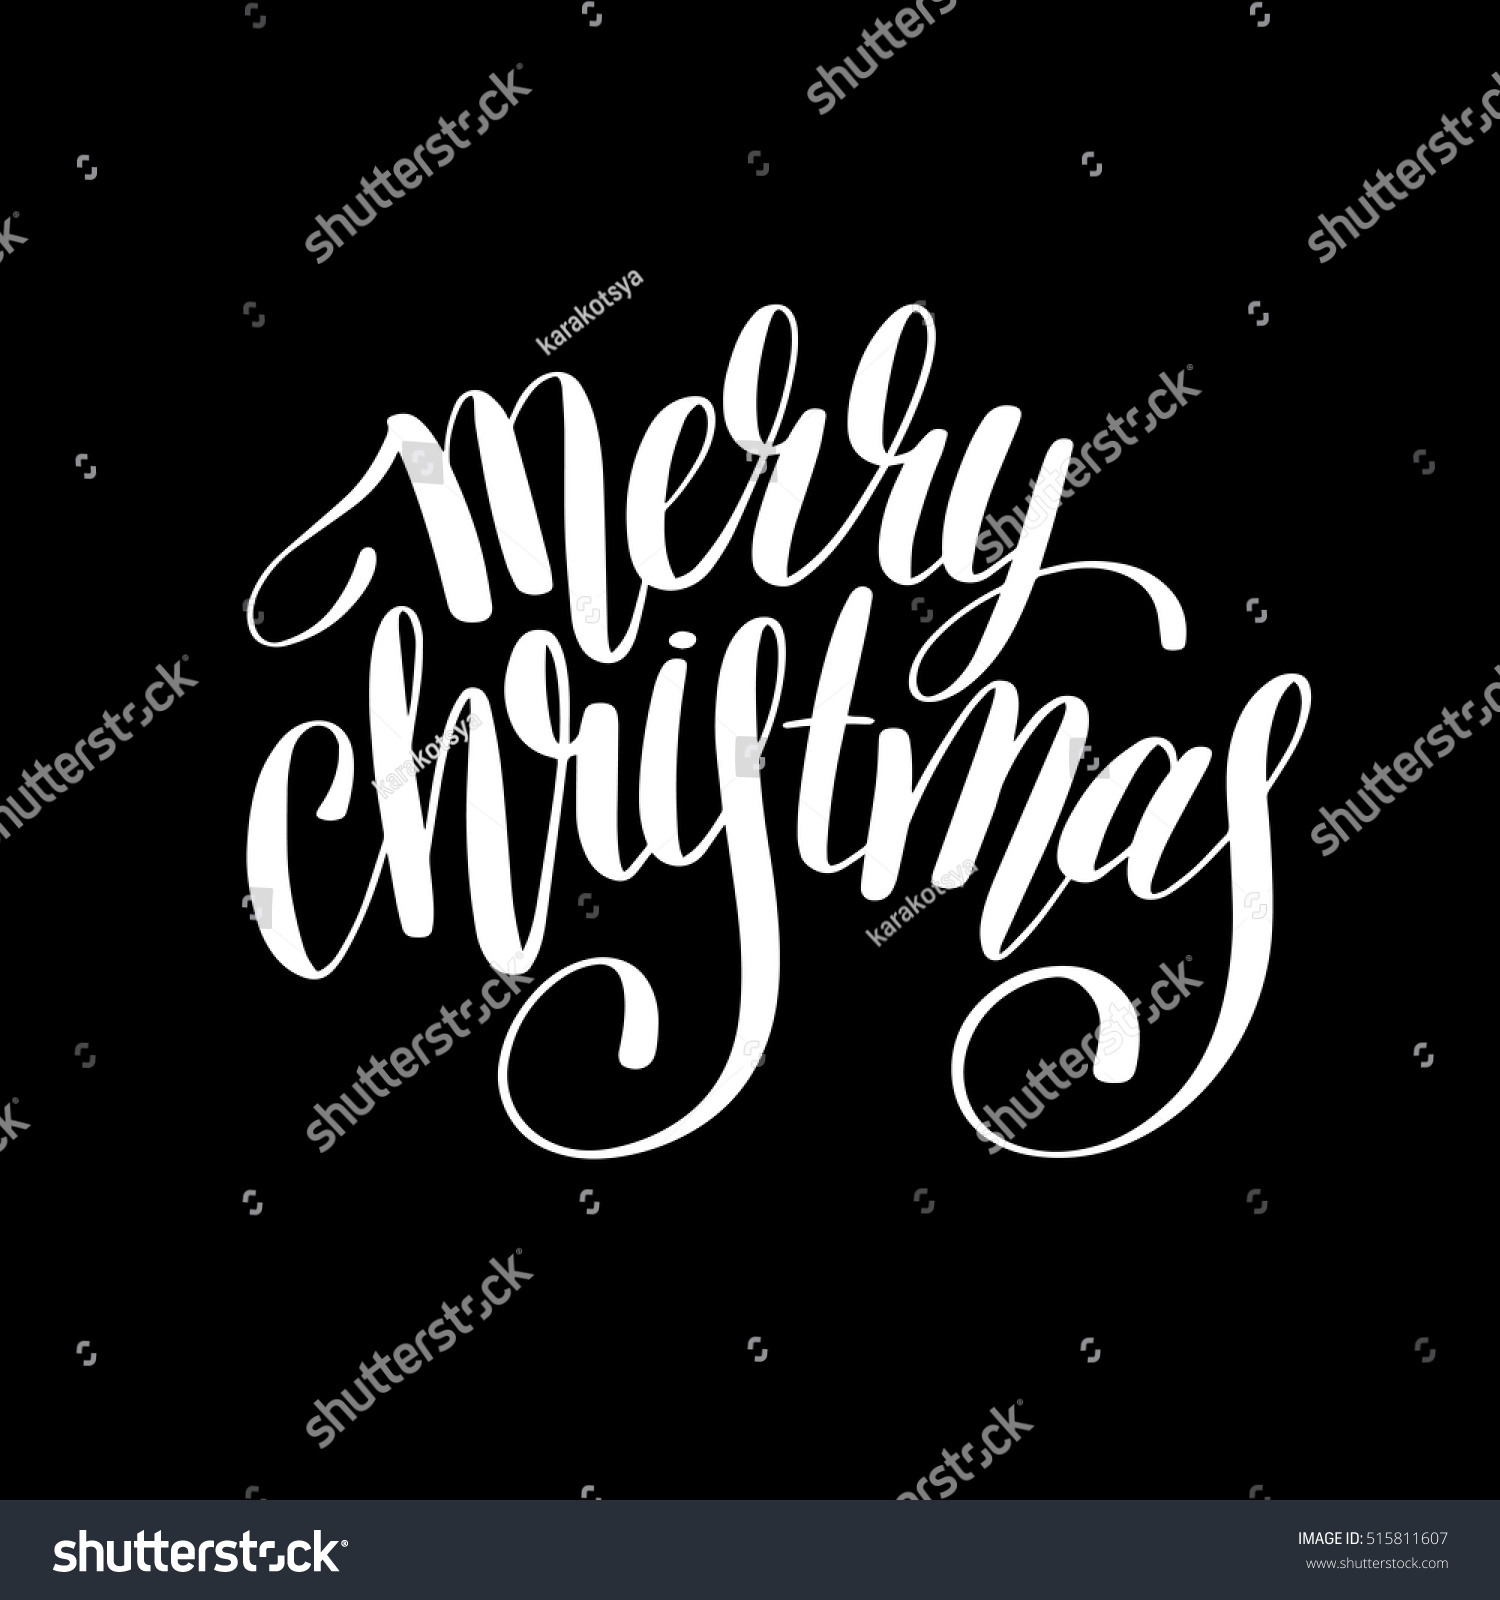 Merry Christmas Black White Handwritten Lettering Stock Vector 515811607 - Shutterstock